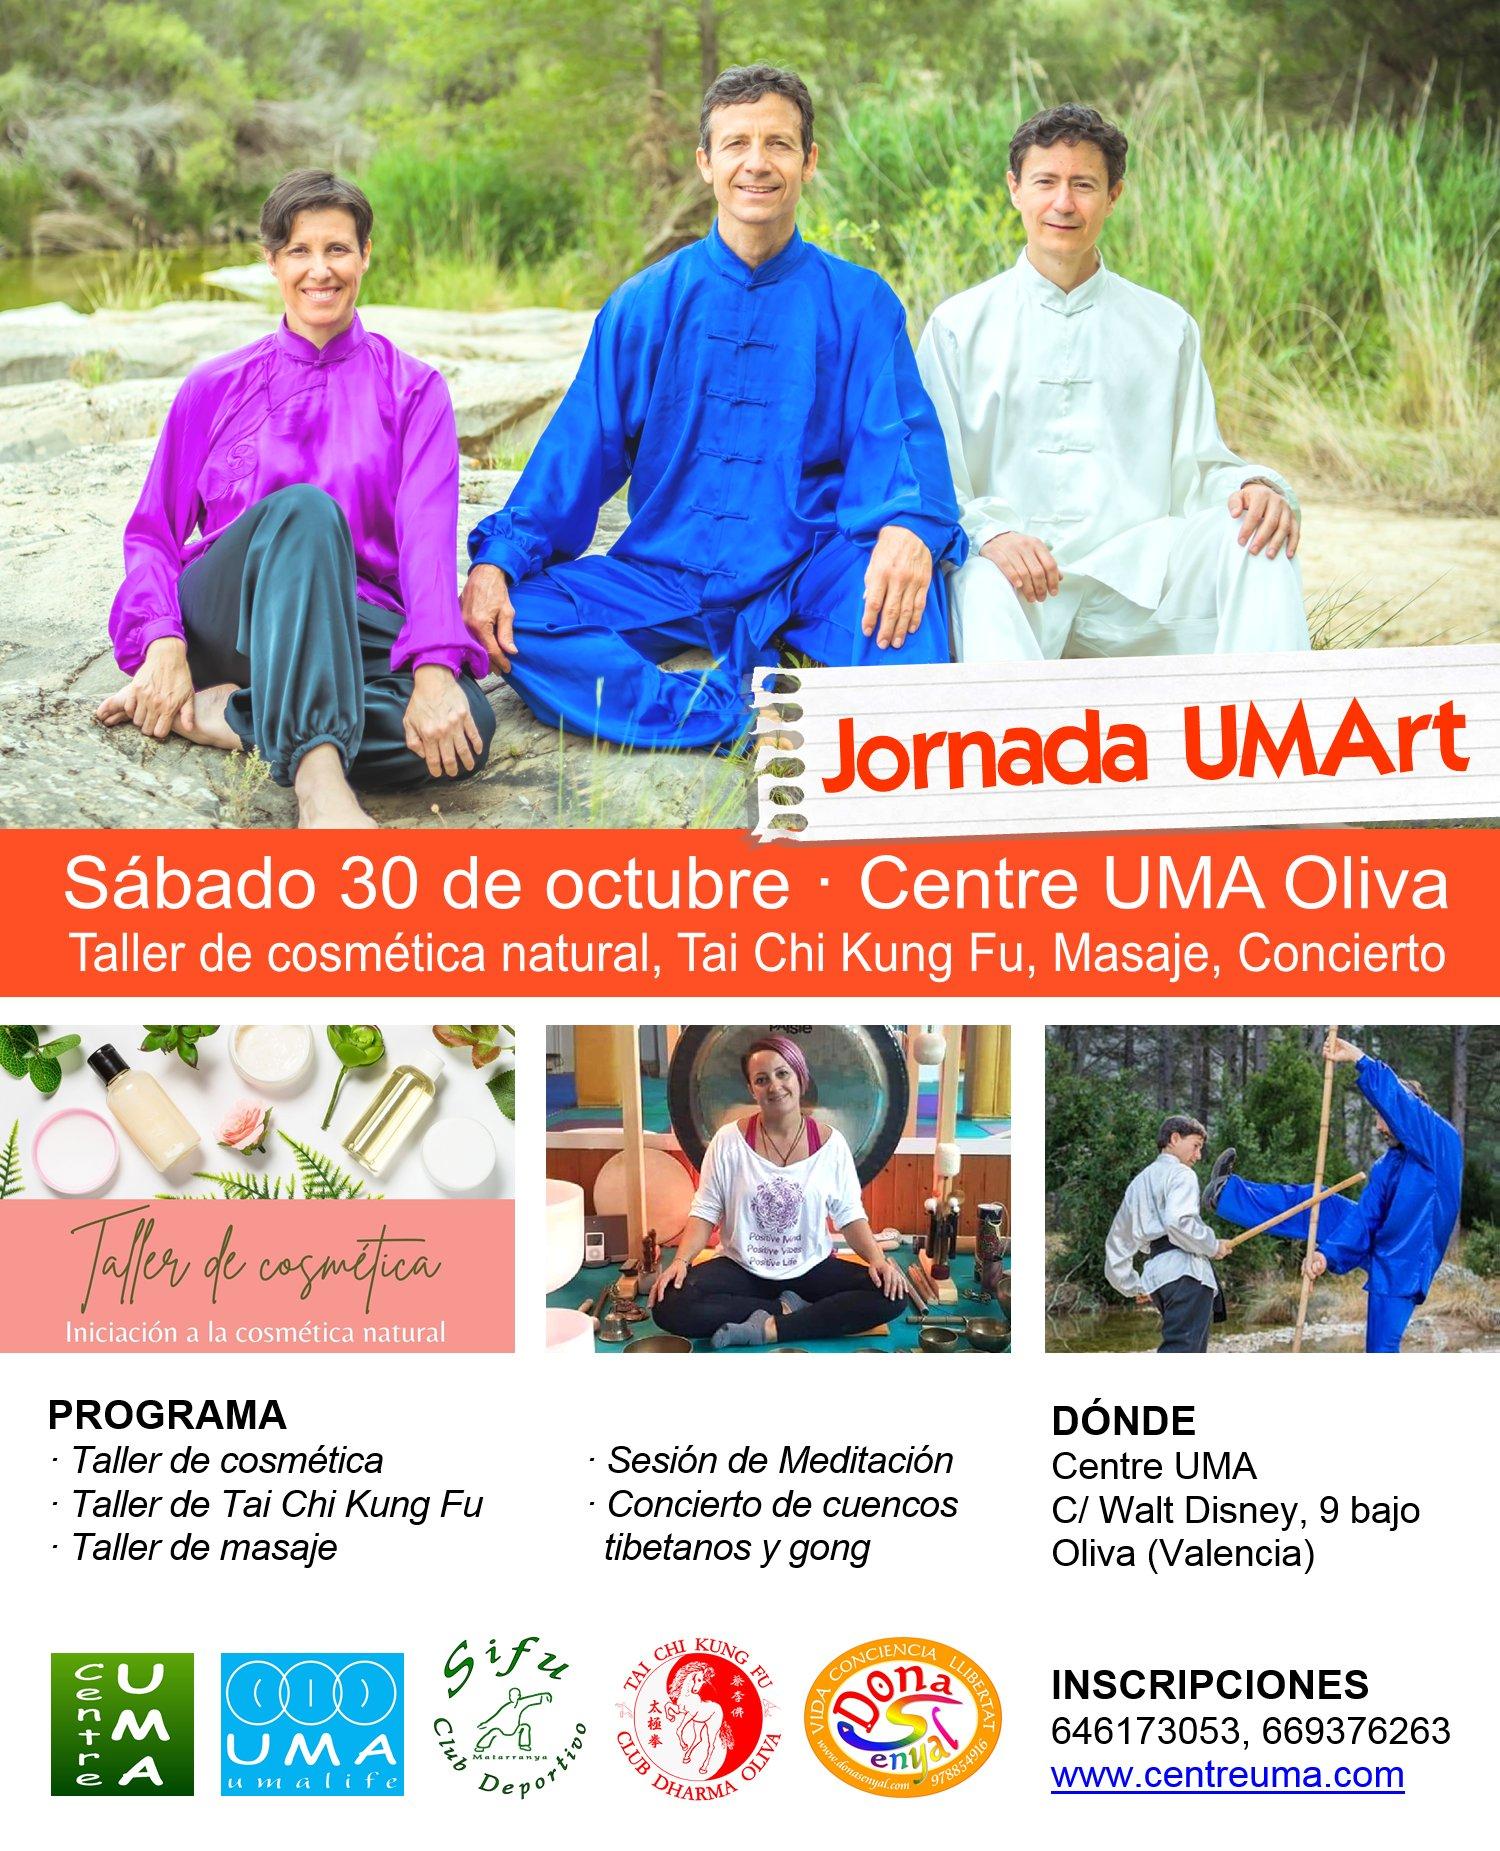 Jornada Umart en Oliva